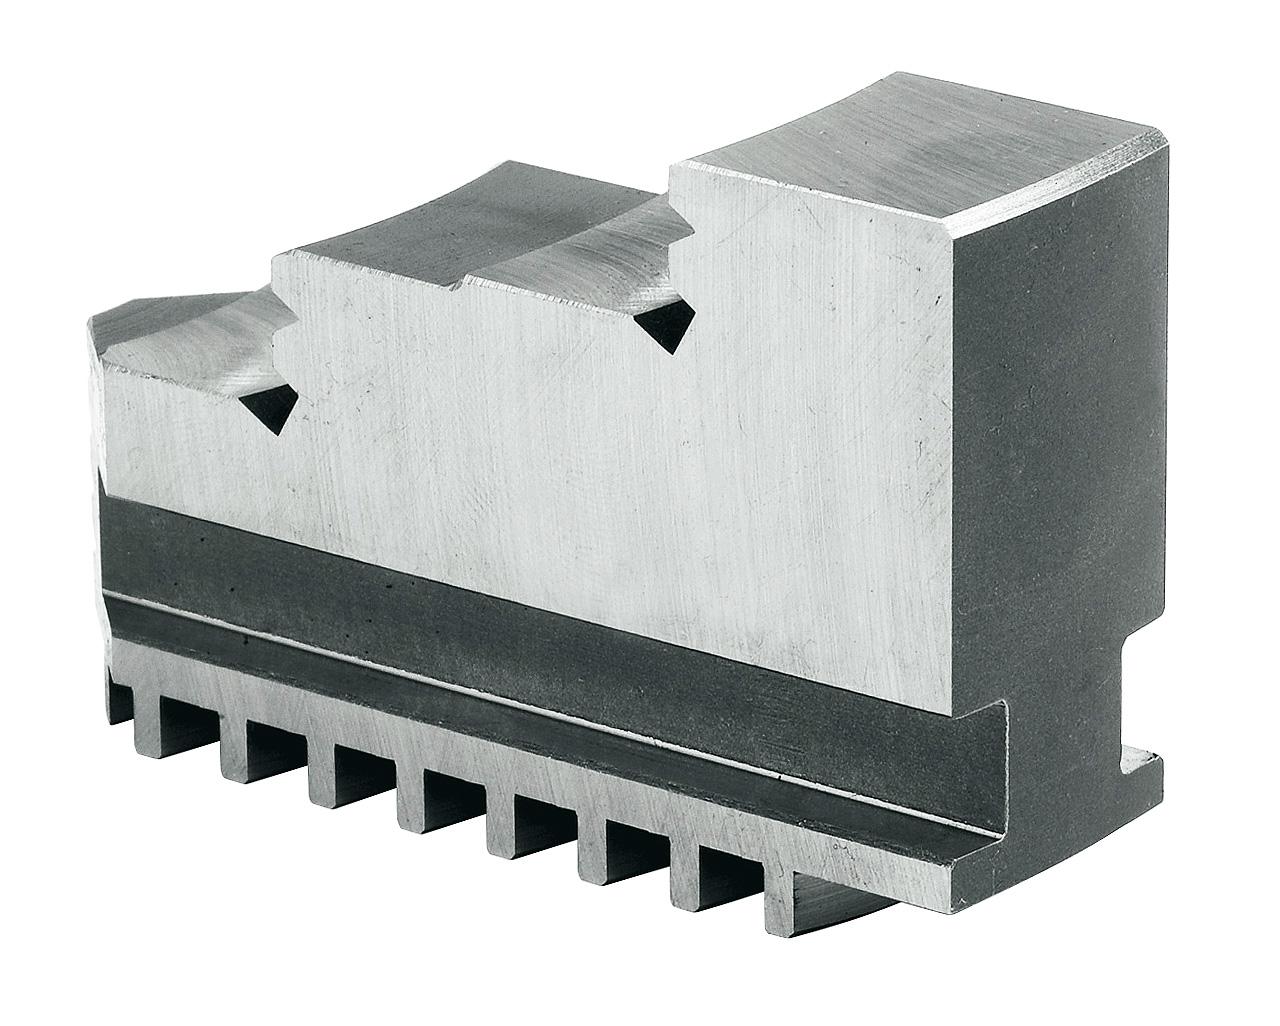 Szczęki jednolite twarde wewnętrzne - komplet IJ-PS3-500 BERNARDO